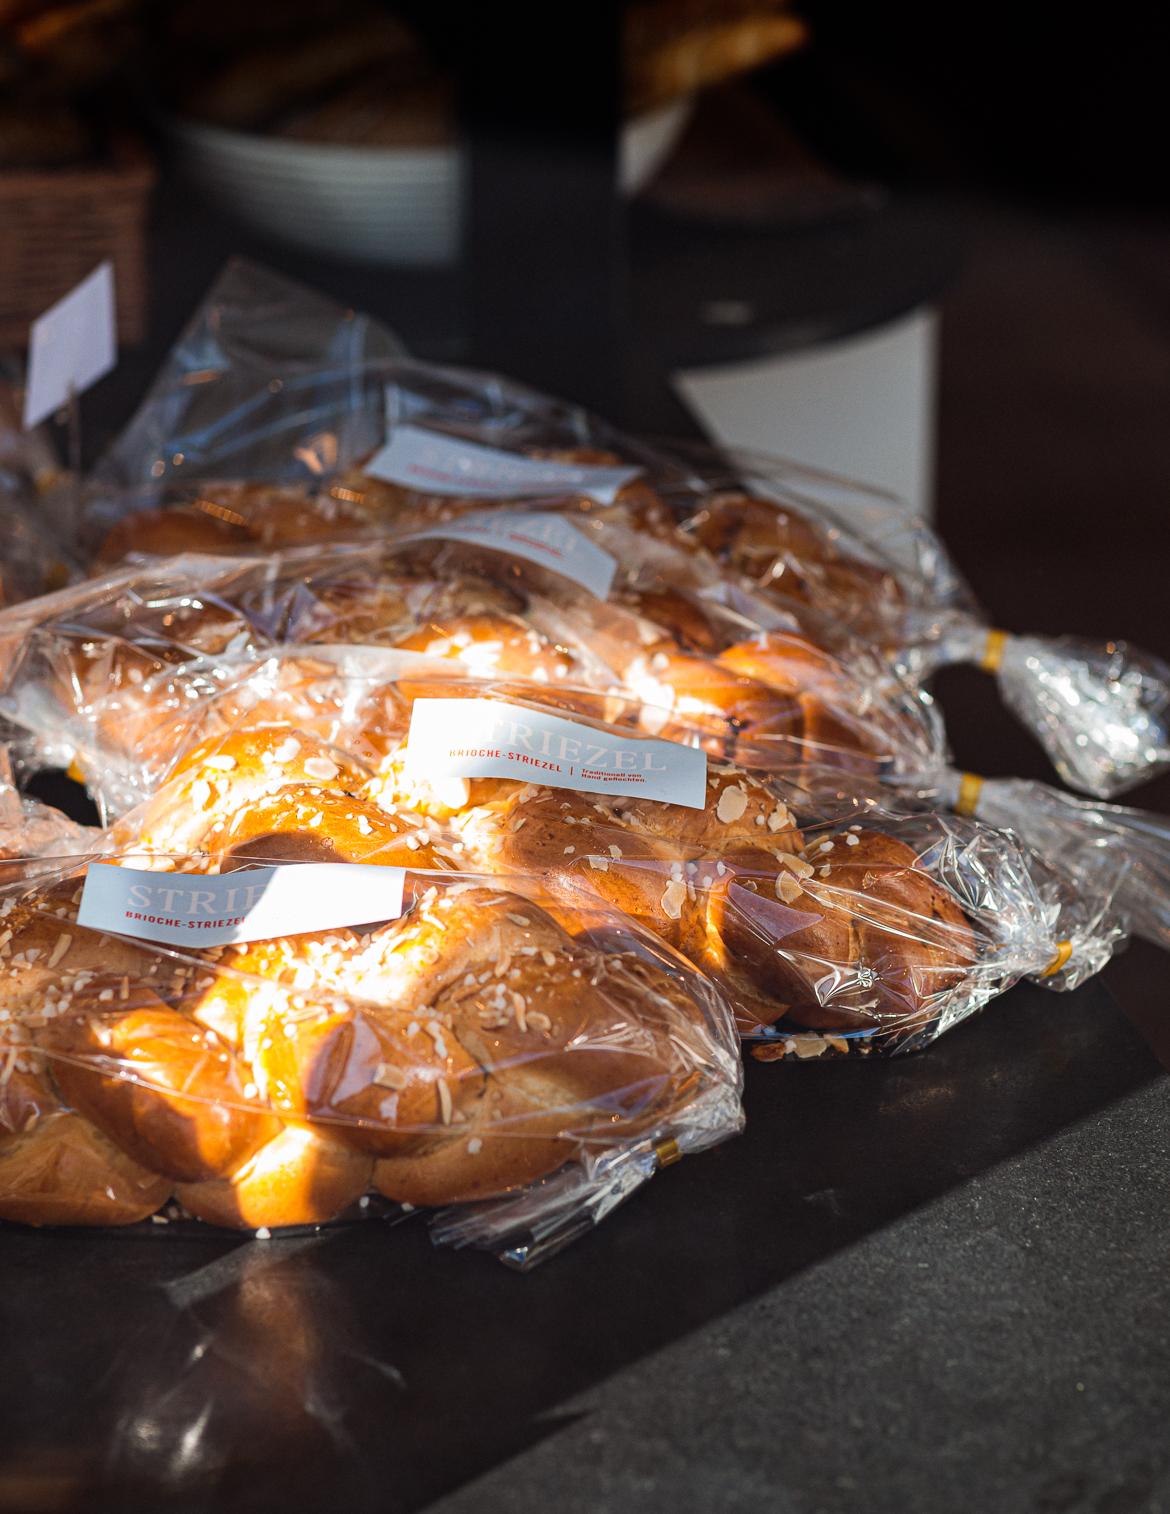 Kurt Remling Fotograf Werbung Sorger Brot (12)